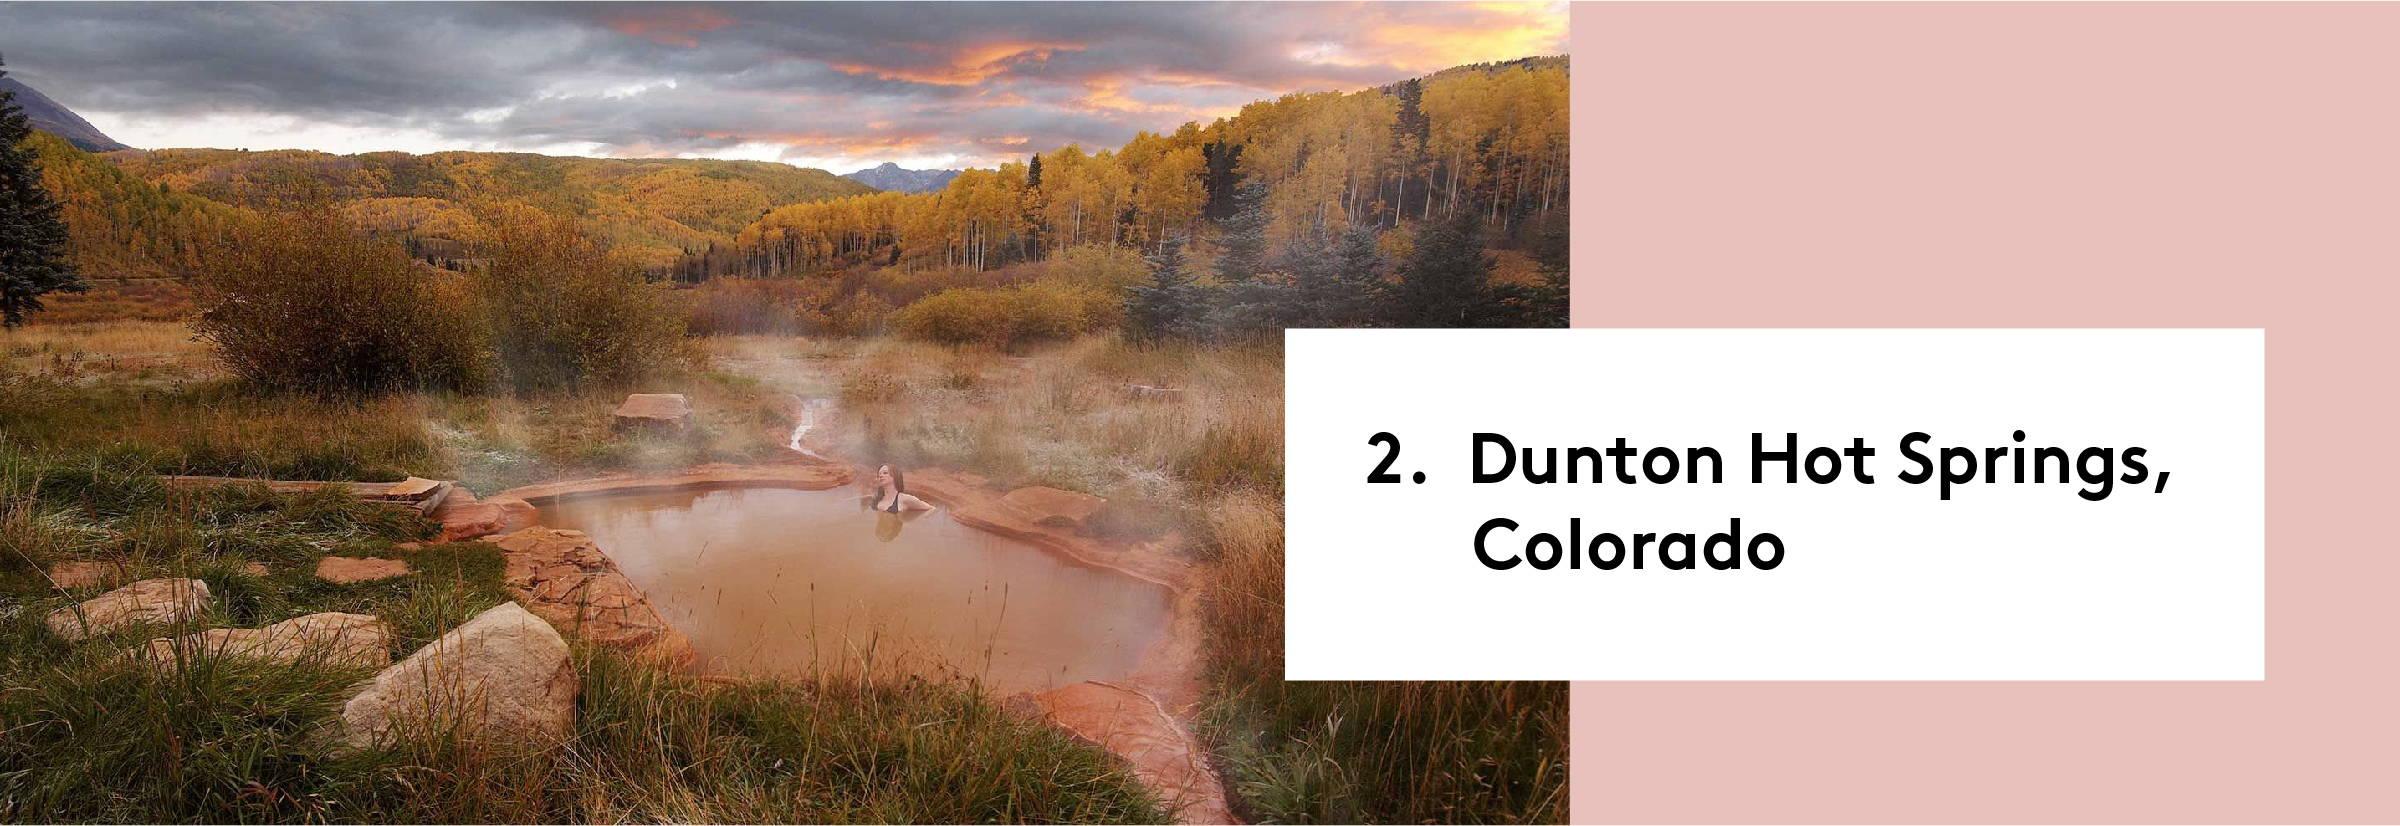 2. Dunton Hot Springs, Colorado